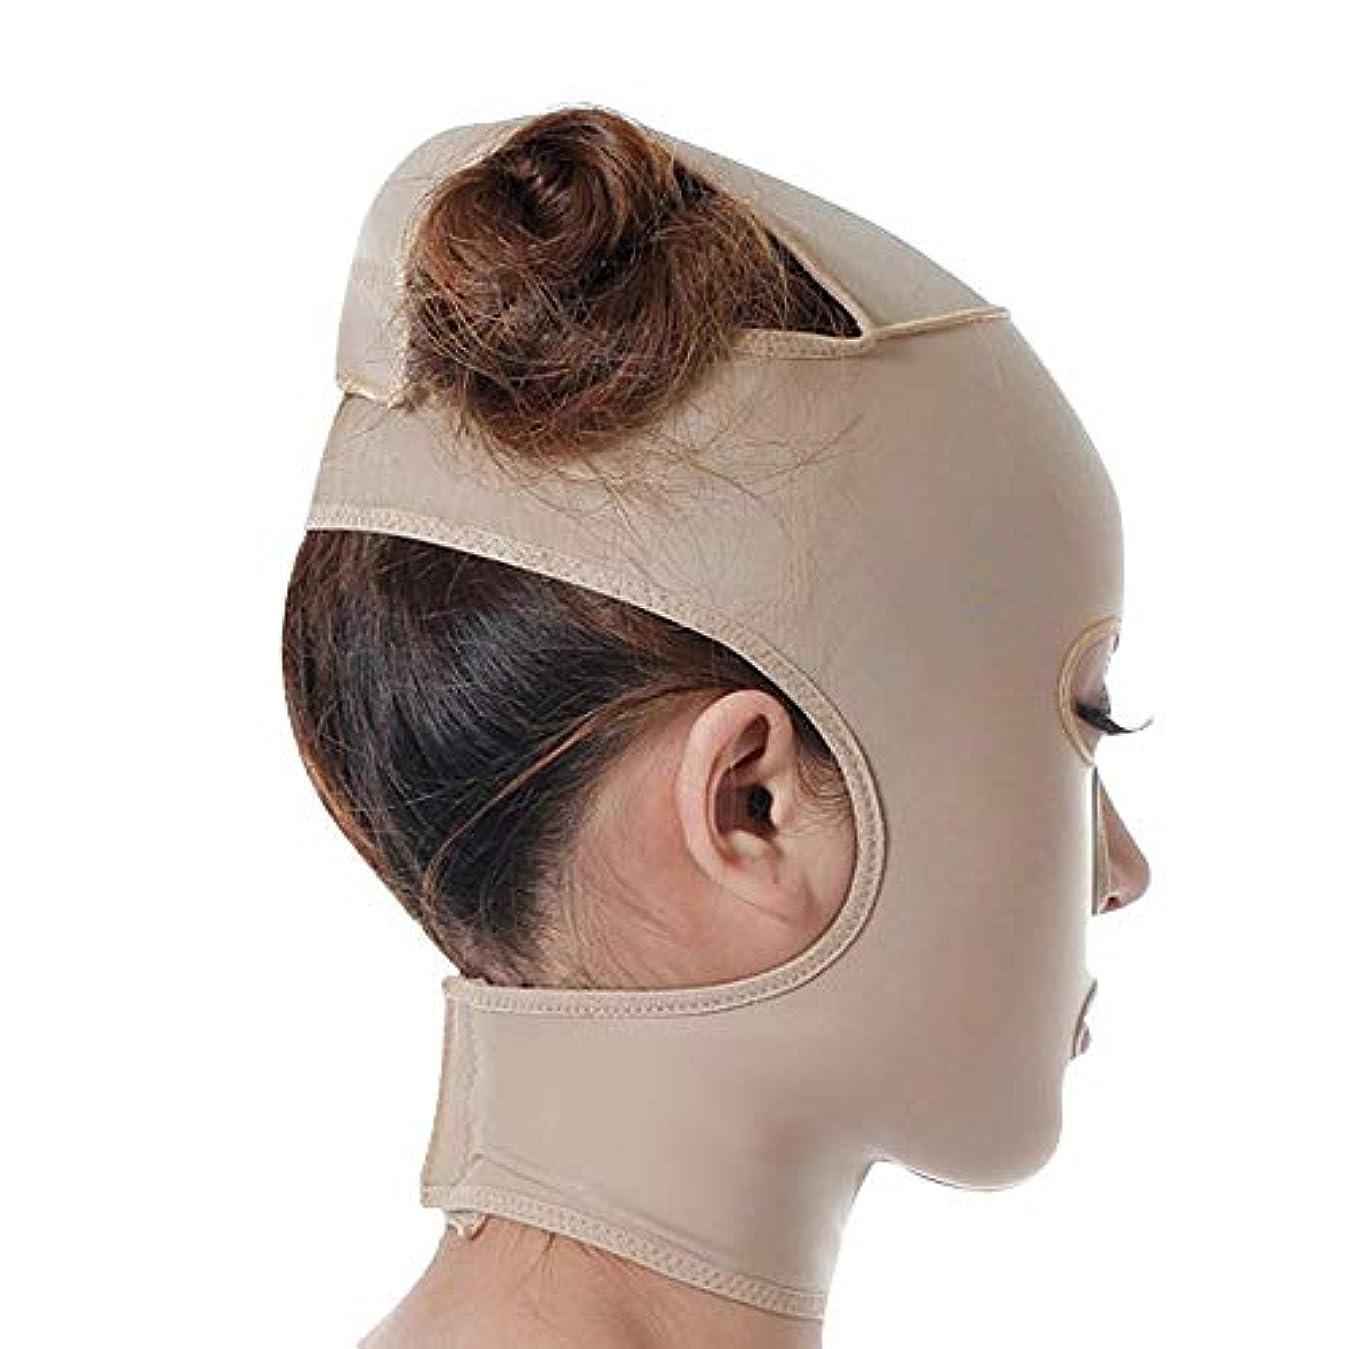 締める静的余剰ファーミングフェイスマスク、フェイシャルマスクビューティーメディシンフェイスマスクビューティーVフェイスバンデージラインカービングリフティングファーミングダブルチンマスク(サイズ:M)